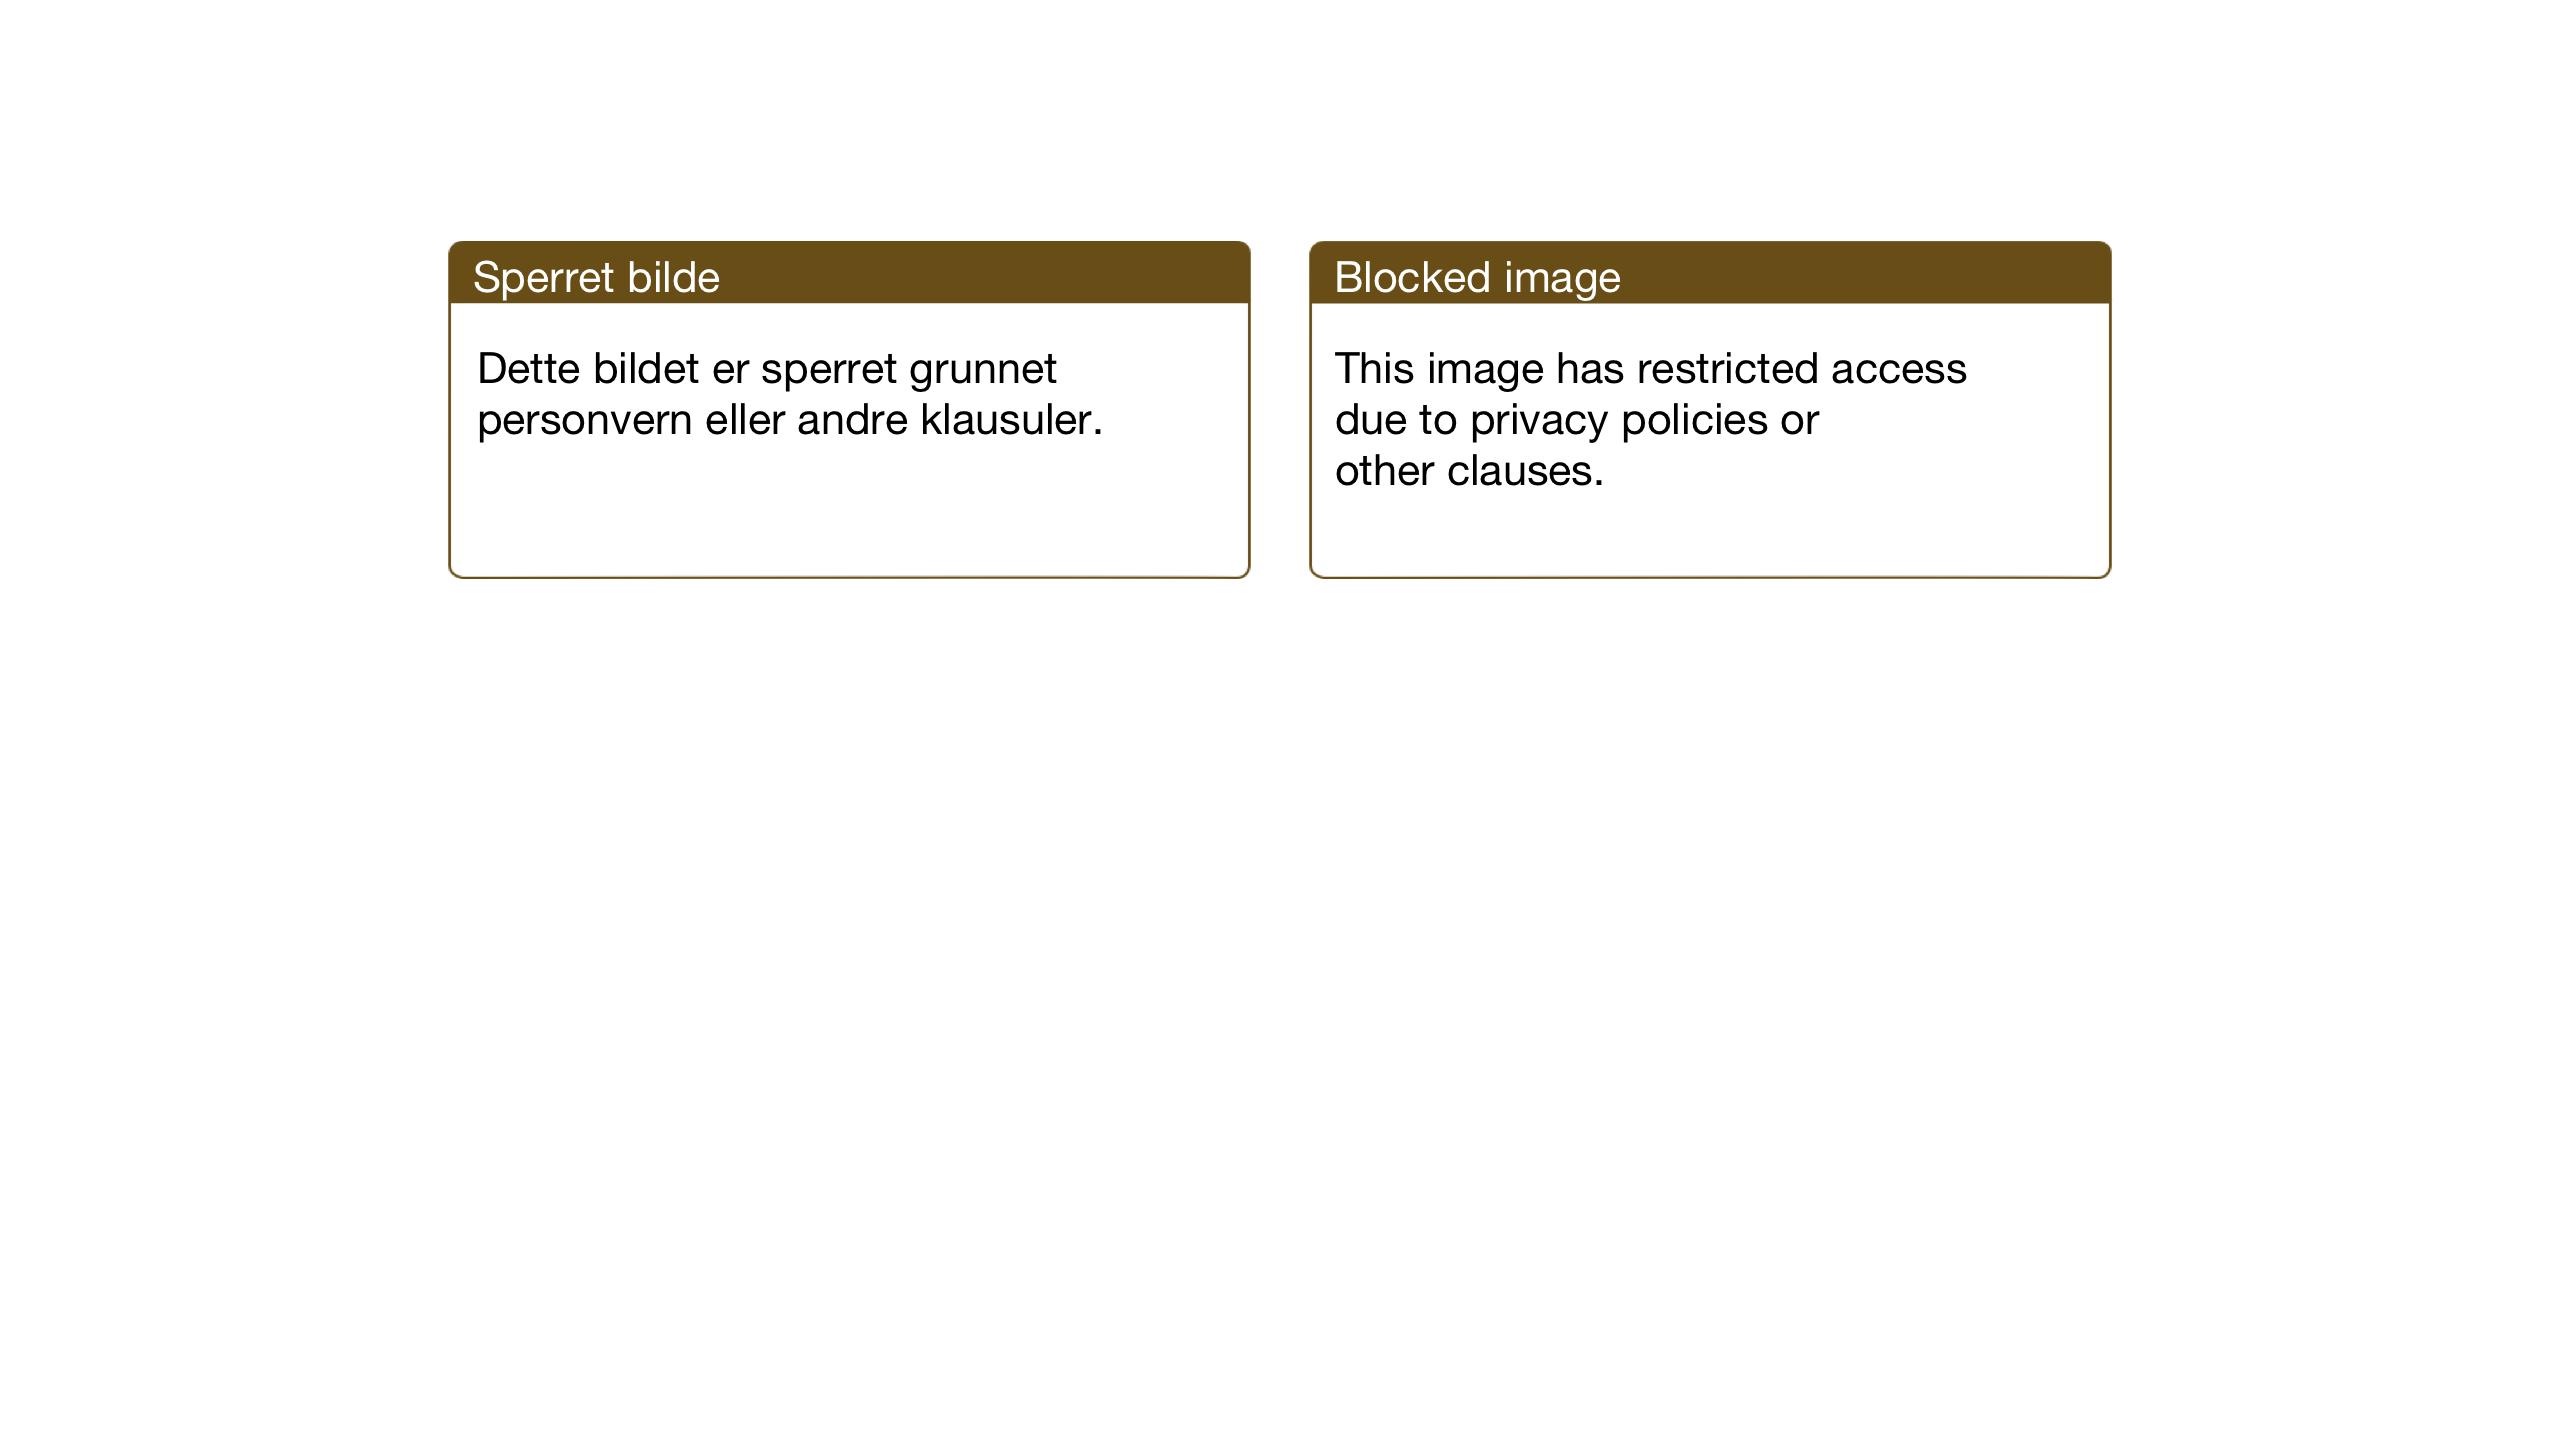 SAT, Ministerialprotokoller, klokkerbøker og fødselsregistre - Sør-Trøndelag, 655/L0689: Klokkerbok nr. 655C05, 1922-1936, s. 54